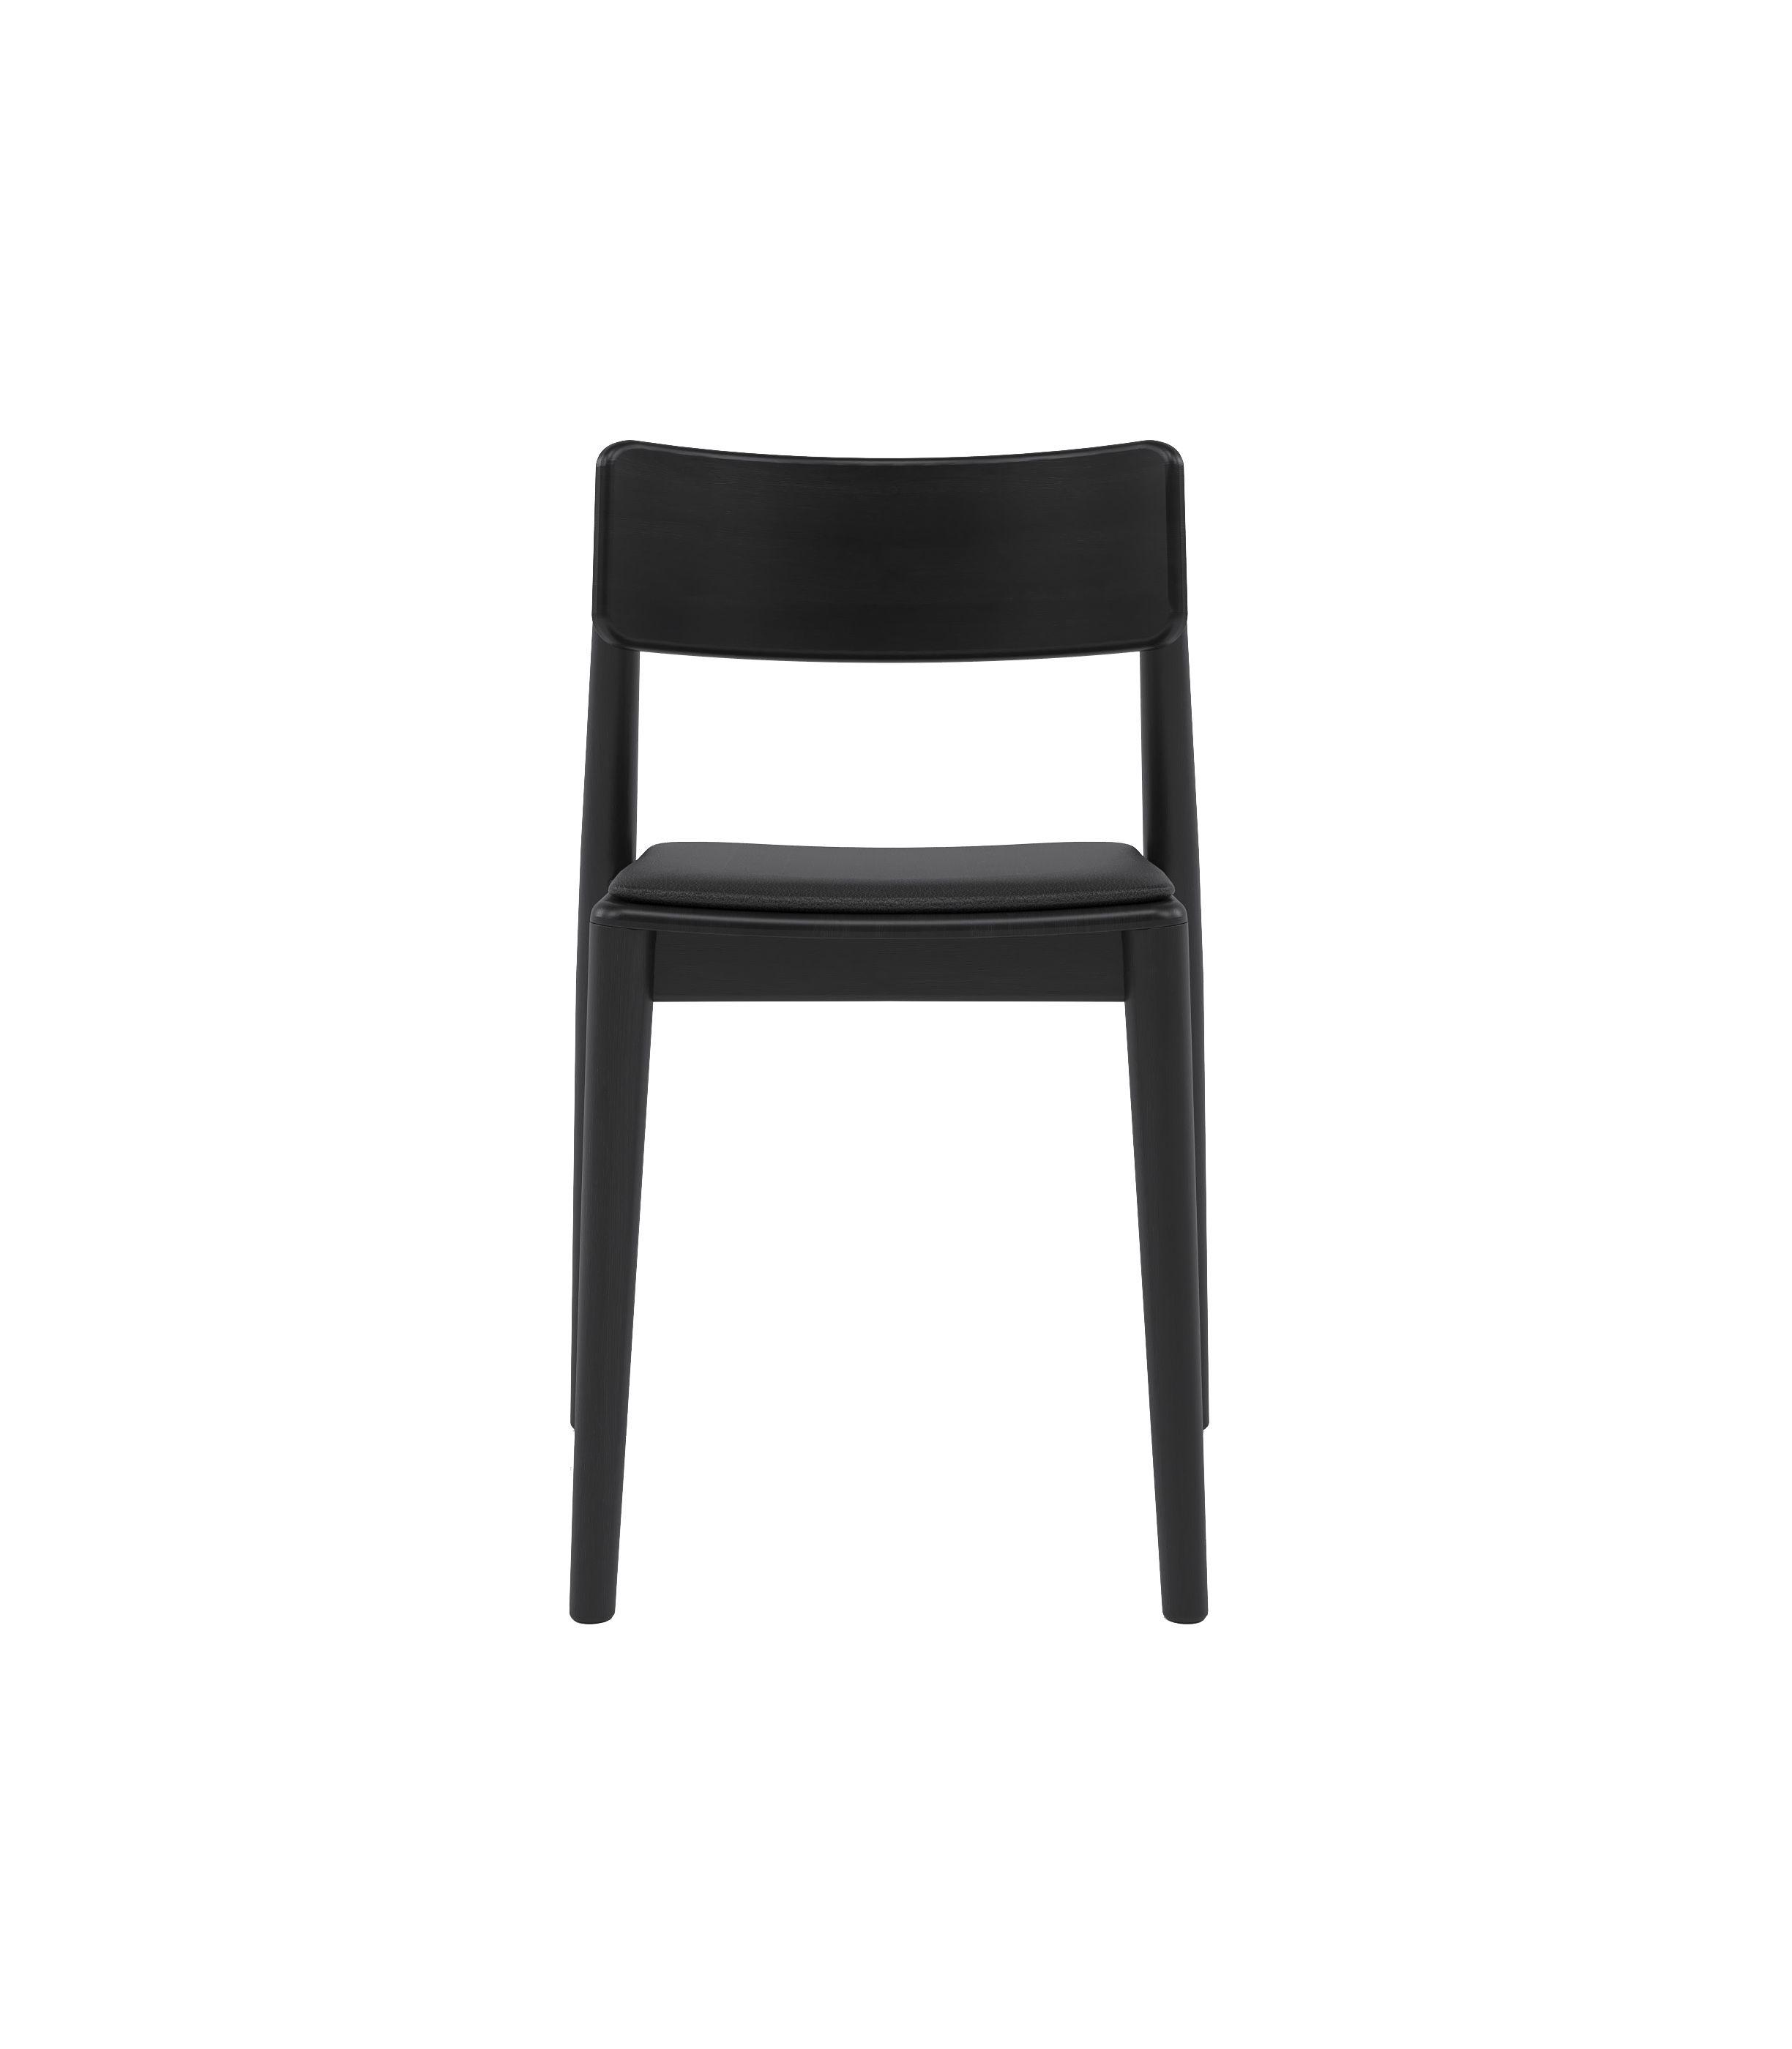 polski design krzesło dębowe czarne